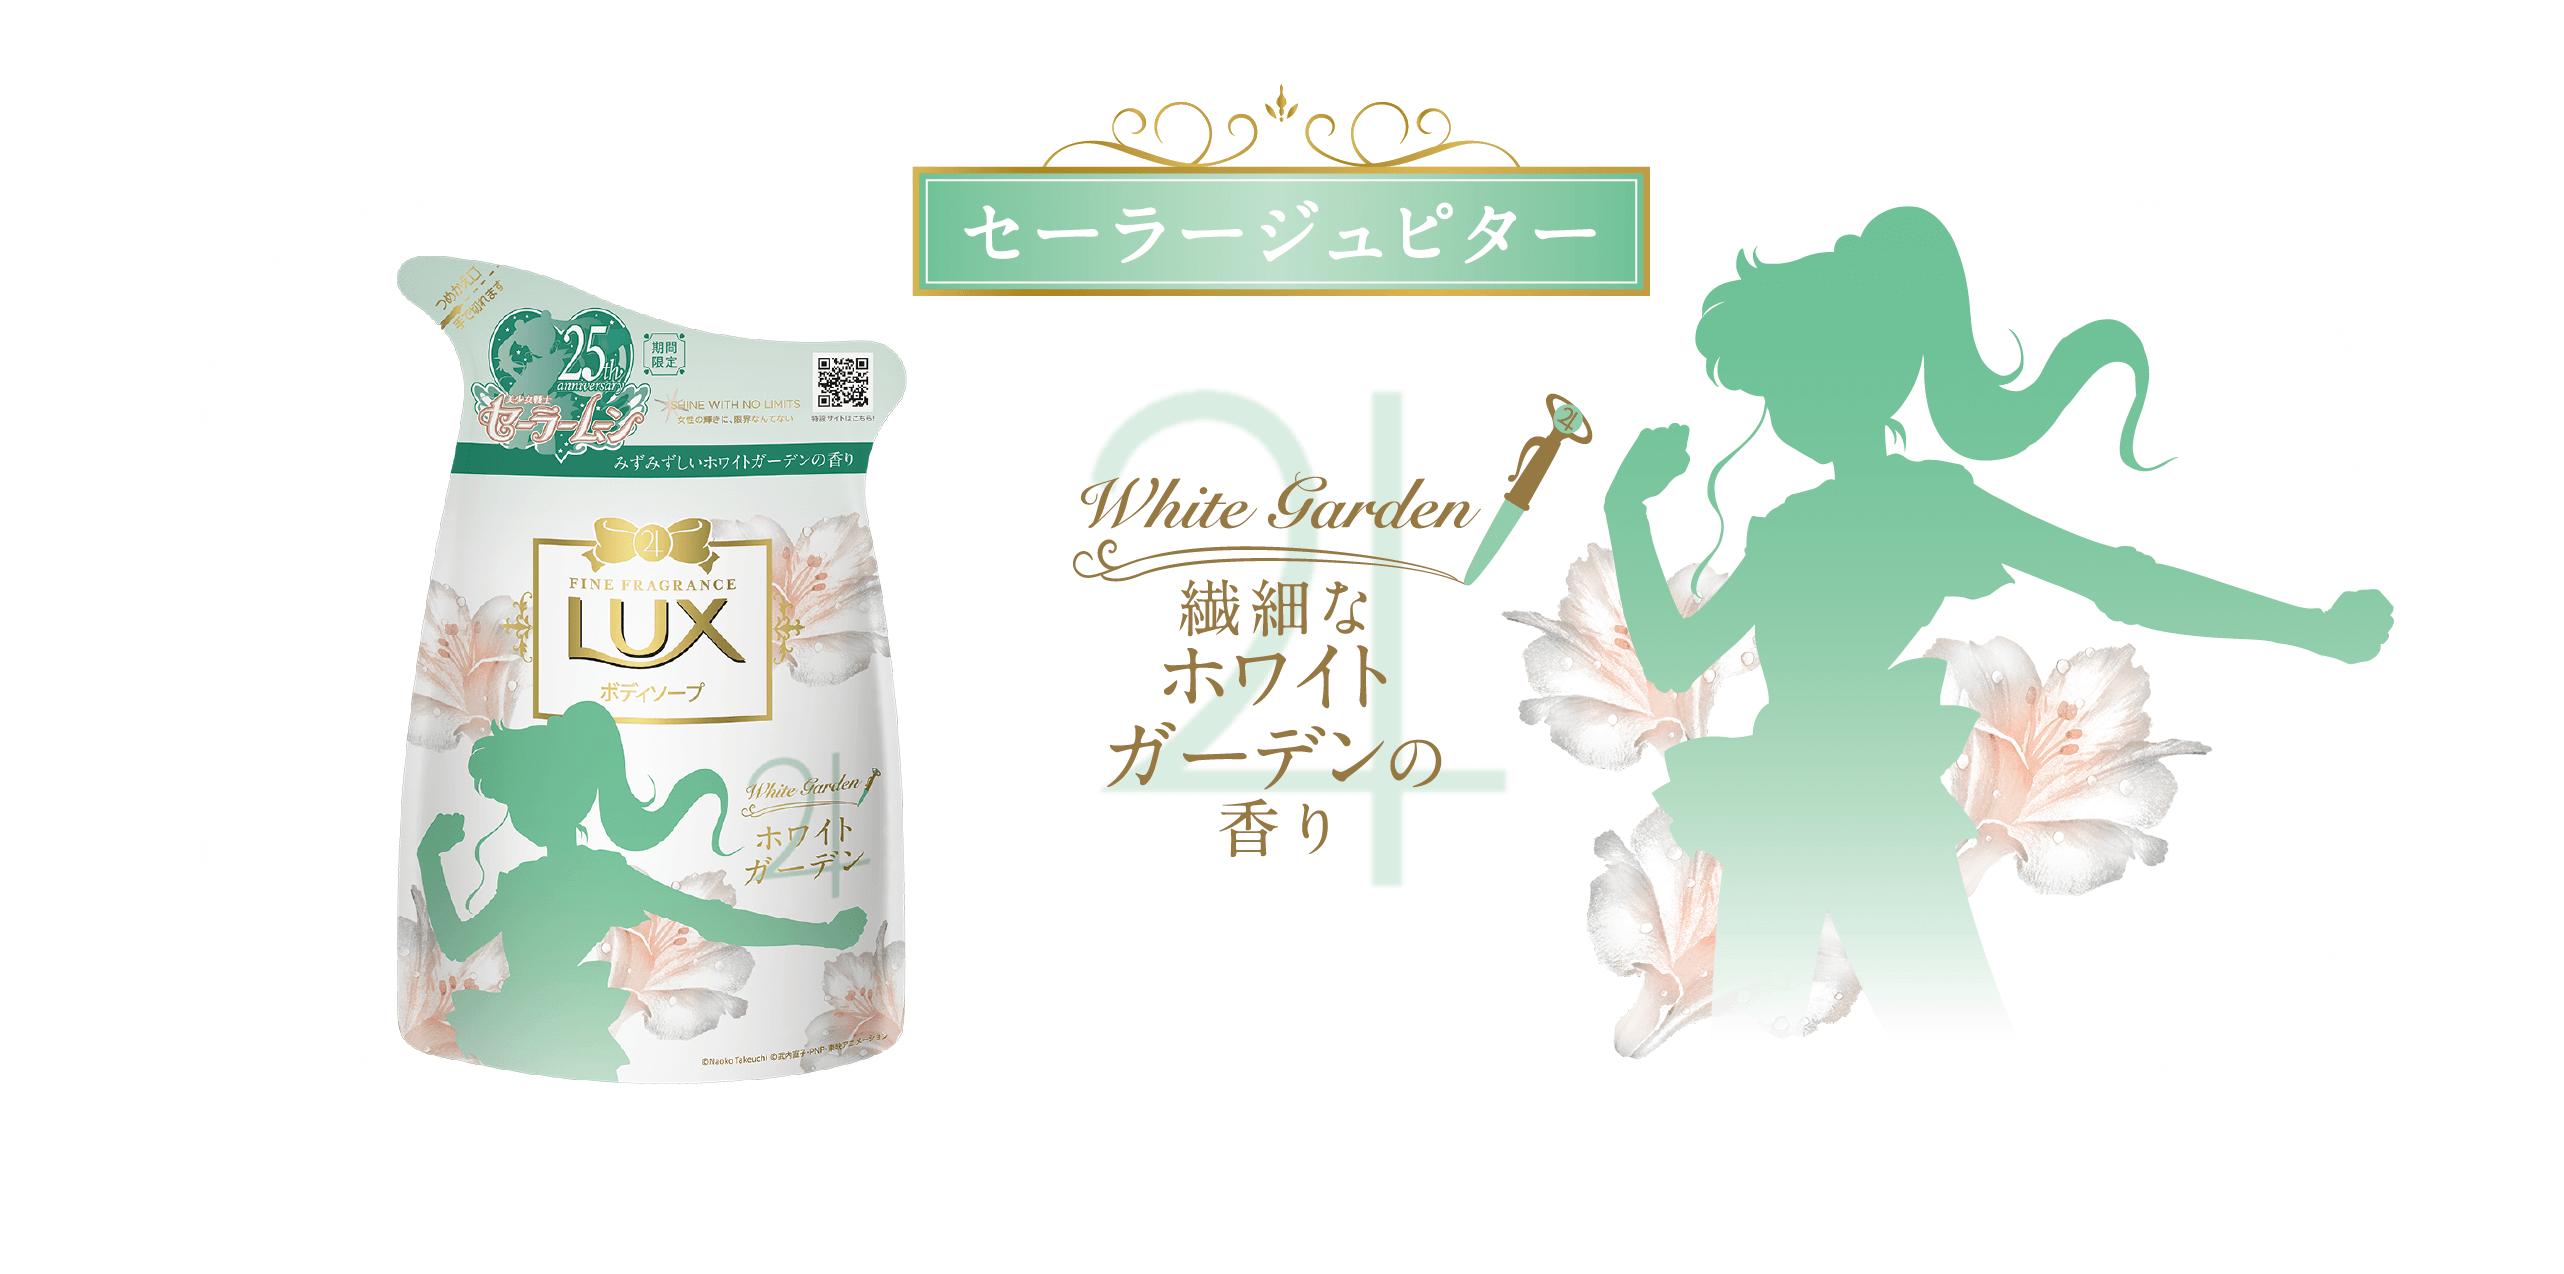 セーラージュピター 繊細なホワイトガーデンの香り